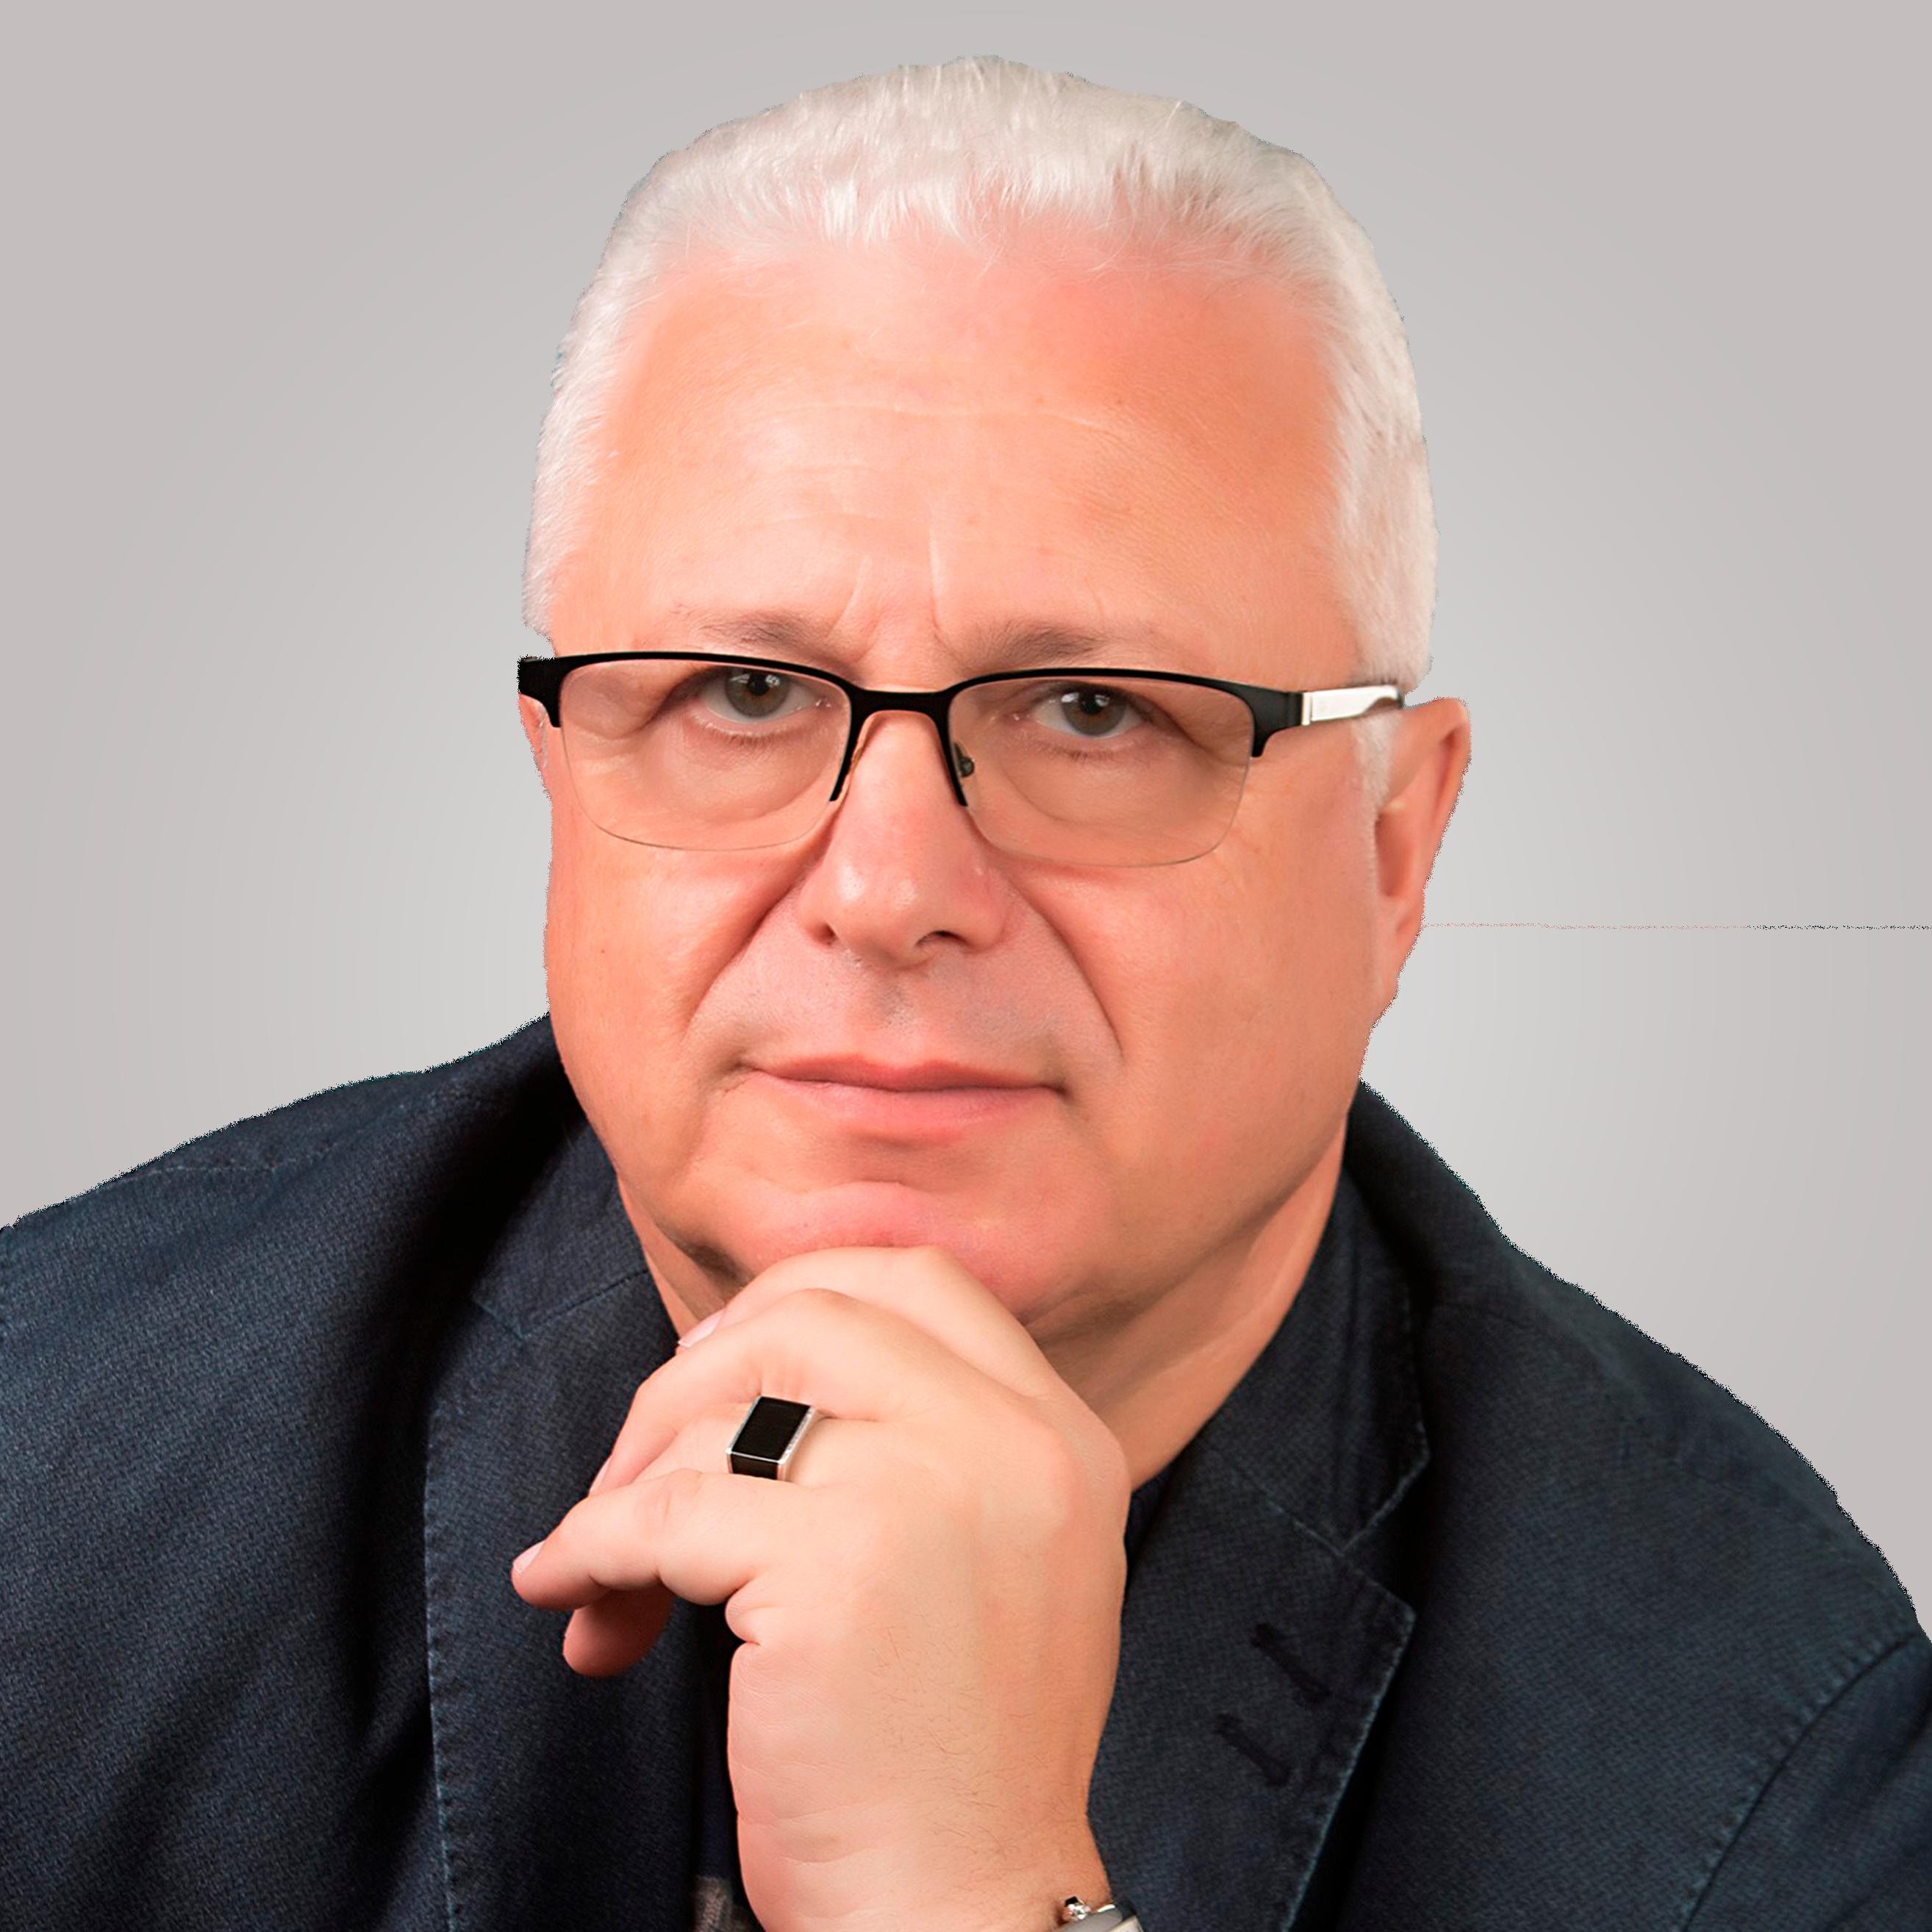 A headshot of Dr. Lazar Finker, the director of the Finker-Frenkel Foundation.